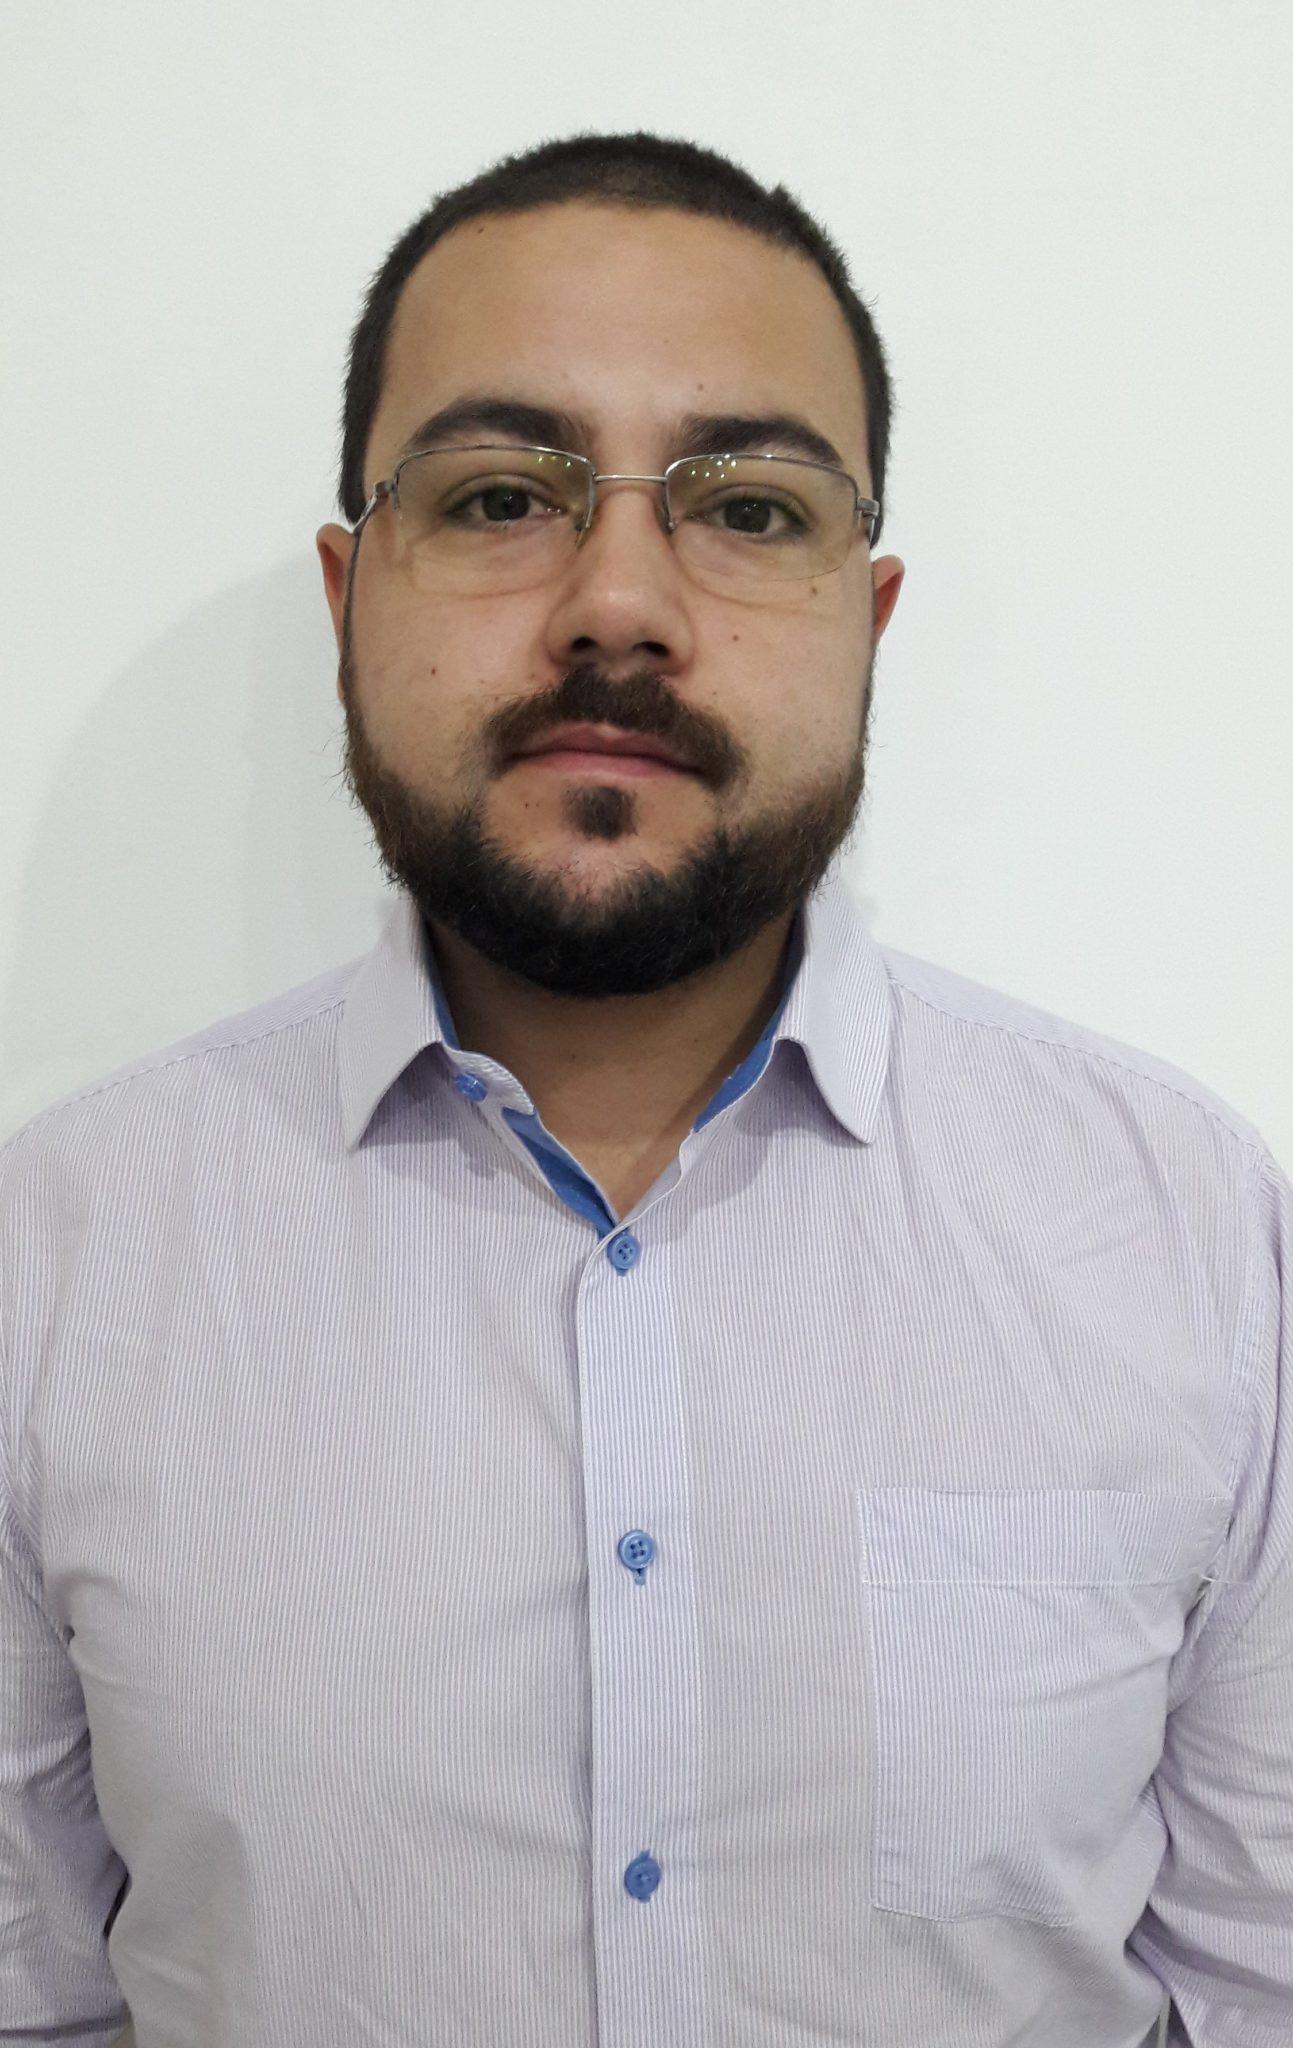 Ismael Jesus de Lima